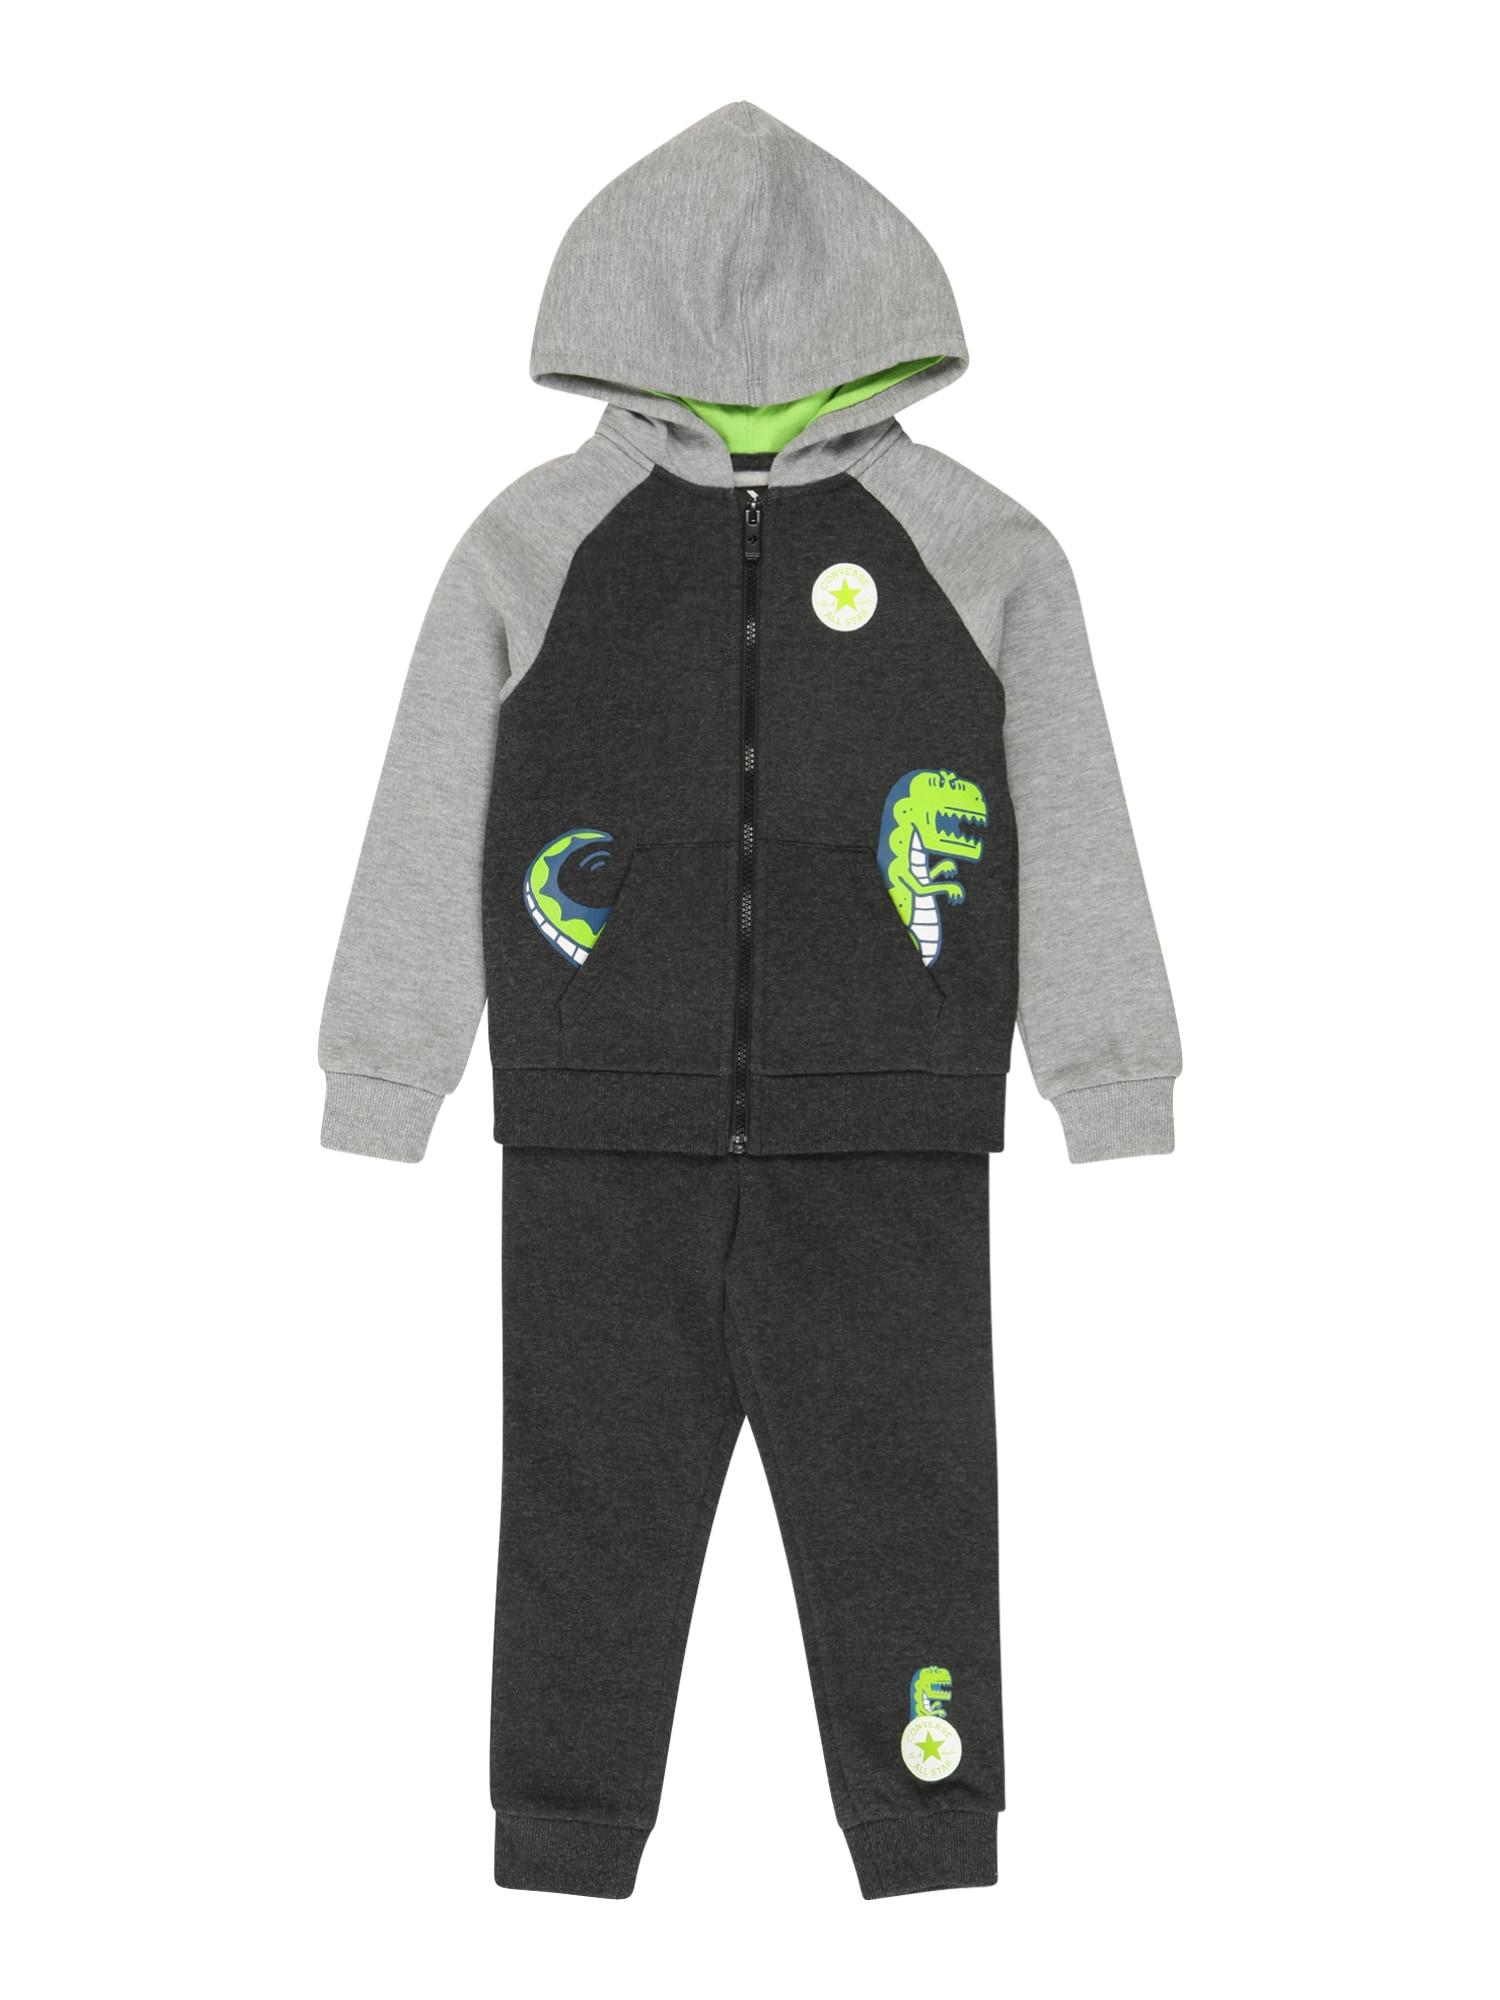 CONVERSE Laisvalaikio kostiumas 'Dino' margai juoda / margai pilka / balta / žaliosios citrinos spalva